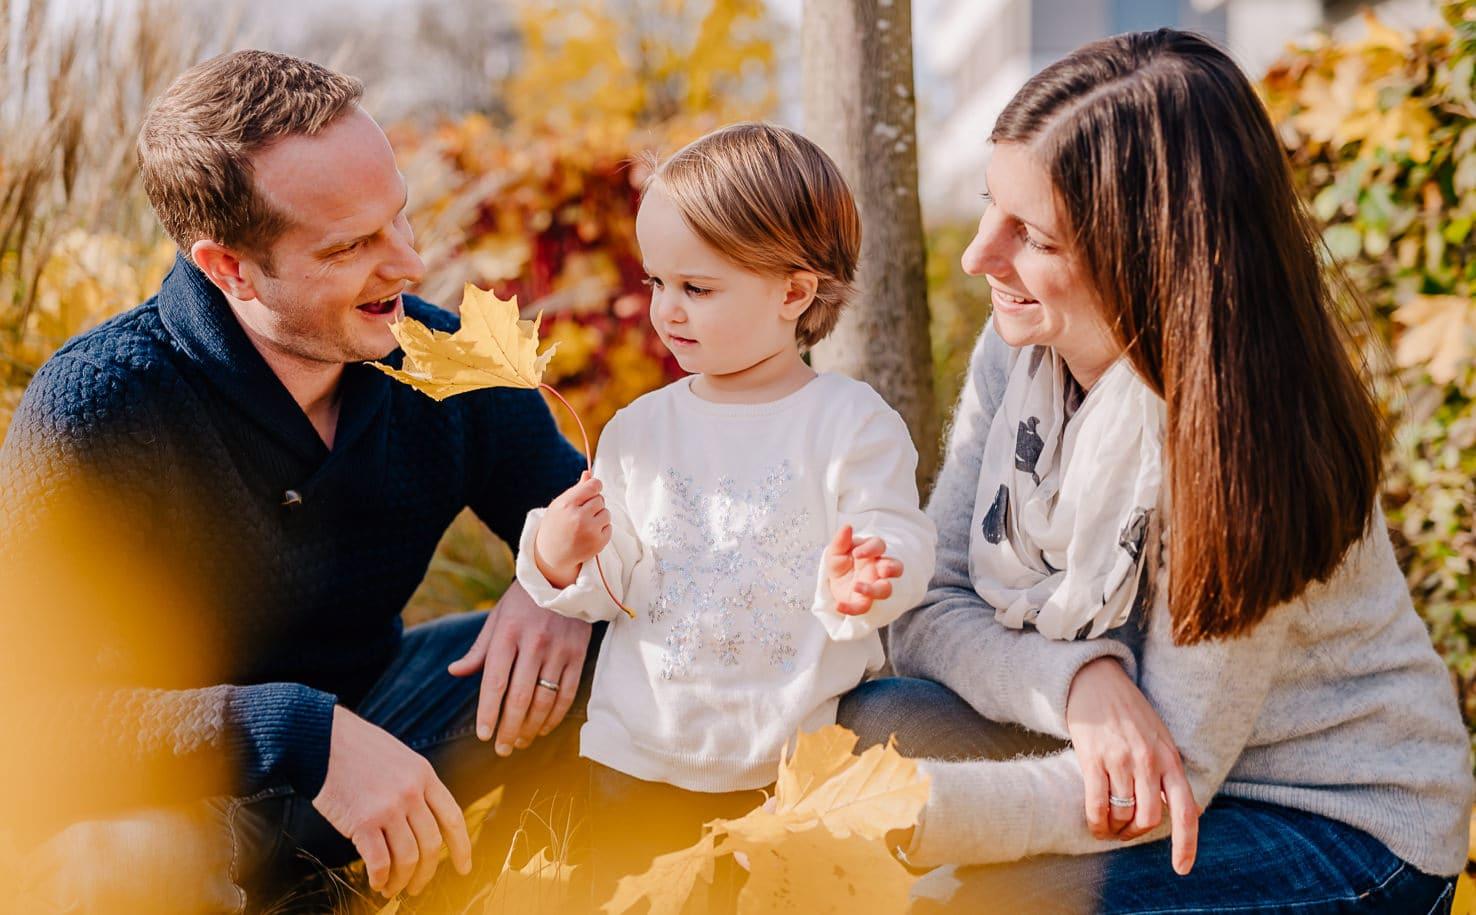 Kindgerechte Familienfotos in und um München, Familienfotos Ende November im Herbstlaub - Jung und Wild design